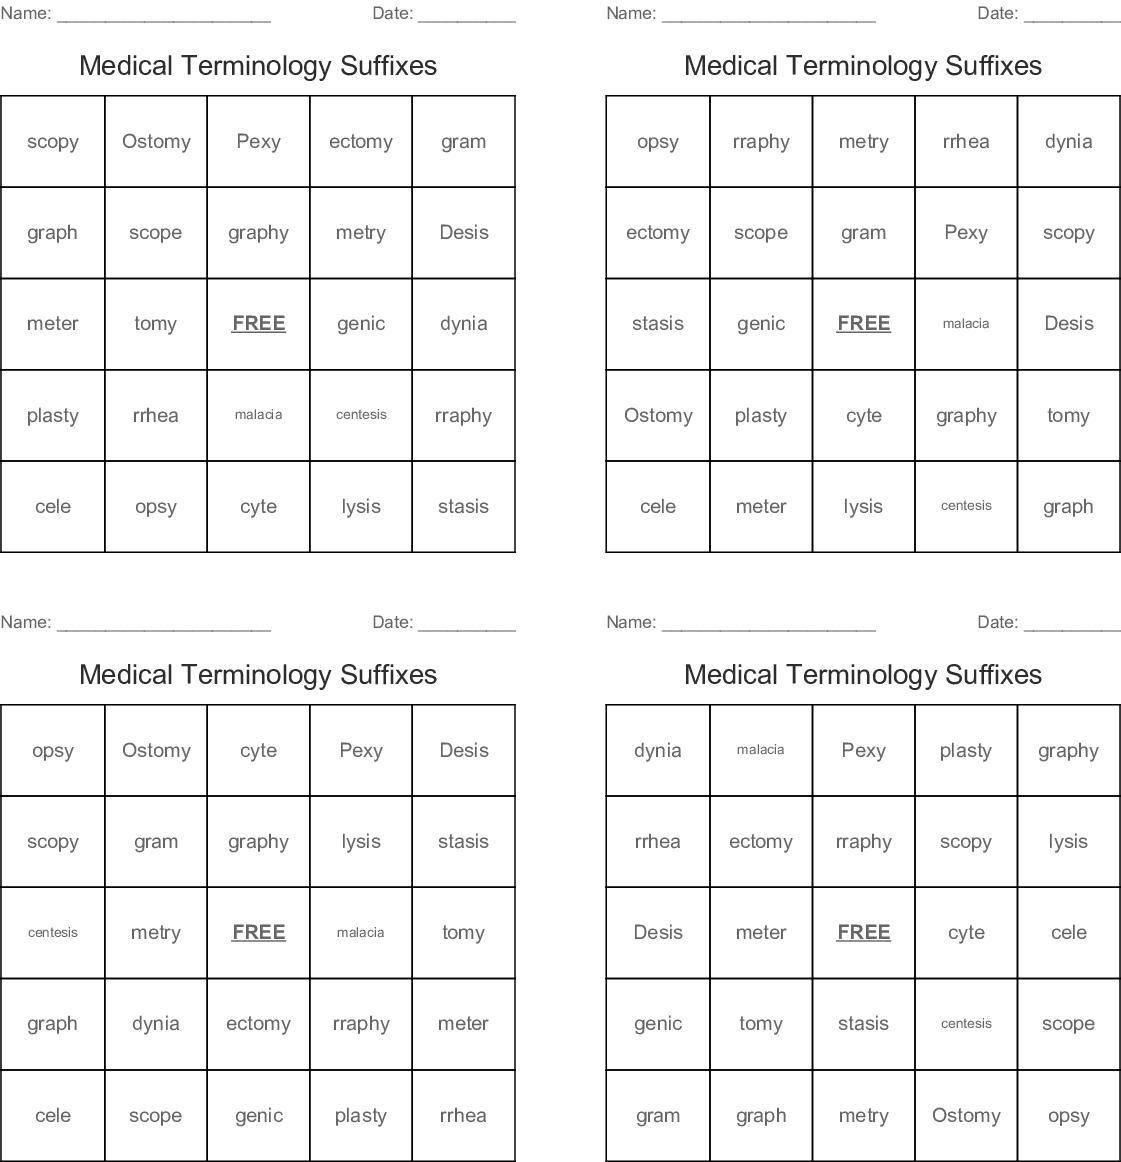 Understanding Suffixes Crossword